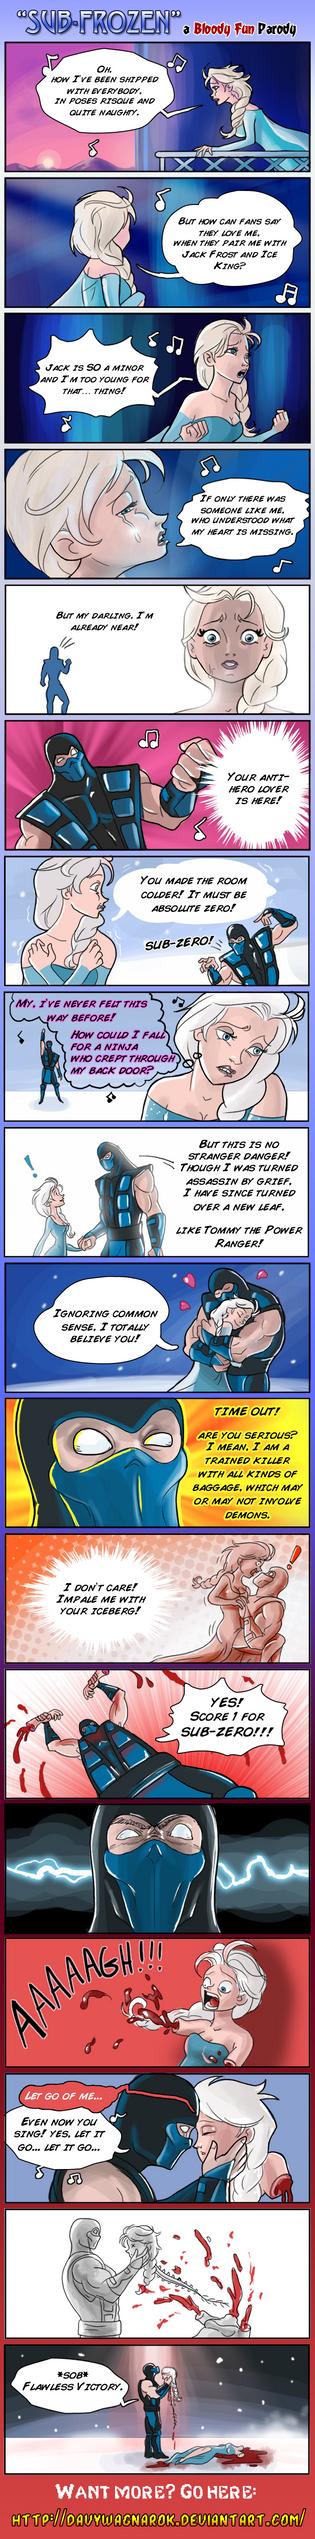 Sub-Frozen by DavyWagnarok